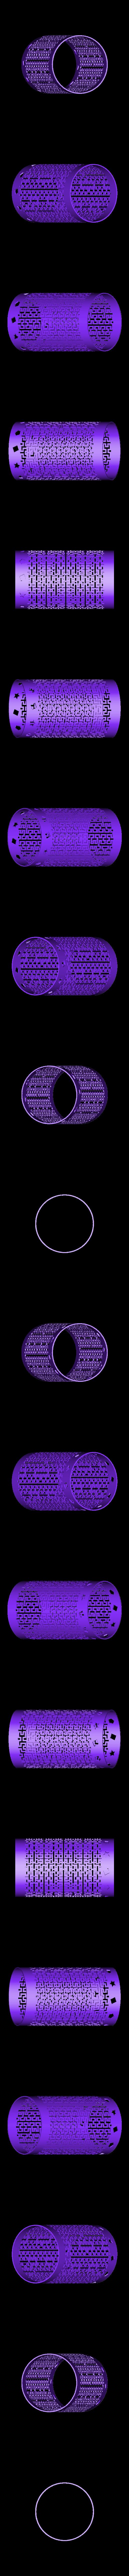 MooreCurveLampz10cm.stl Télécharger fichier STL gratuit Art mathématique (art fractal) : Moore lampe courbe • Modèle à imprimer en 3D, Kay